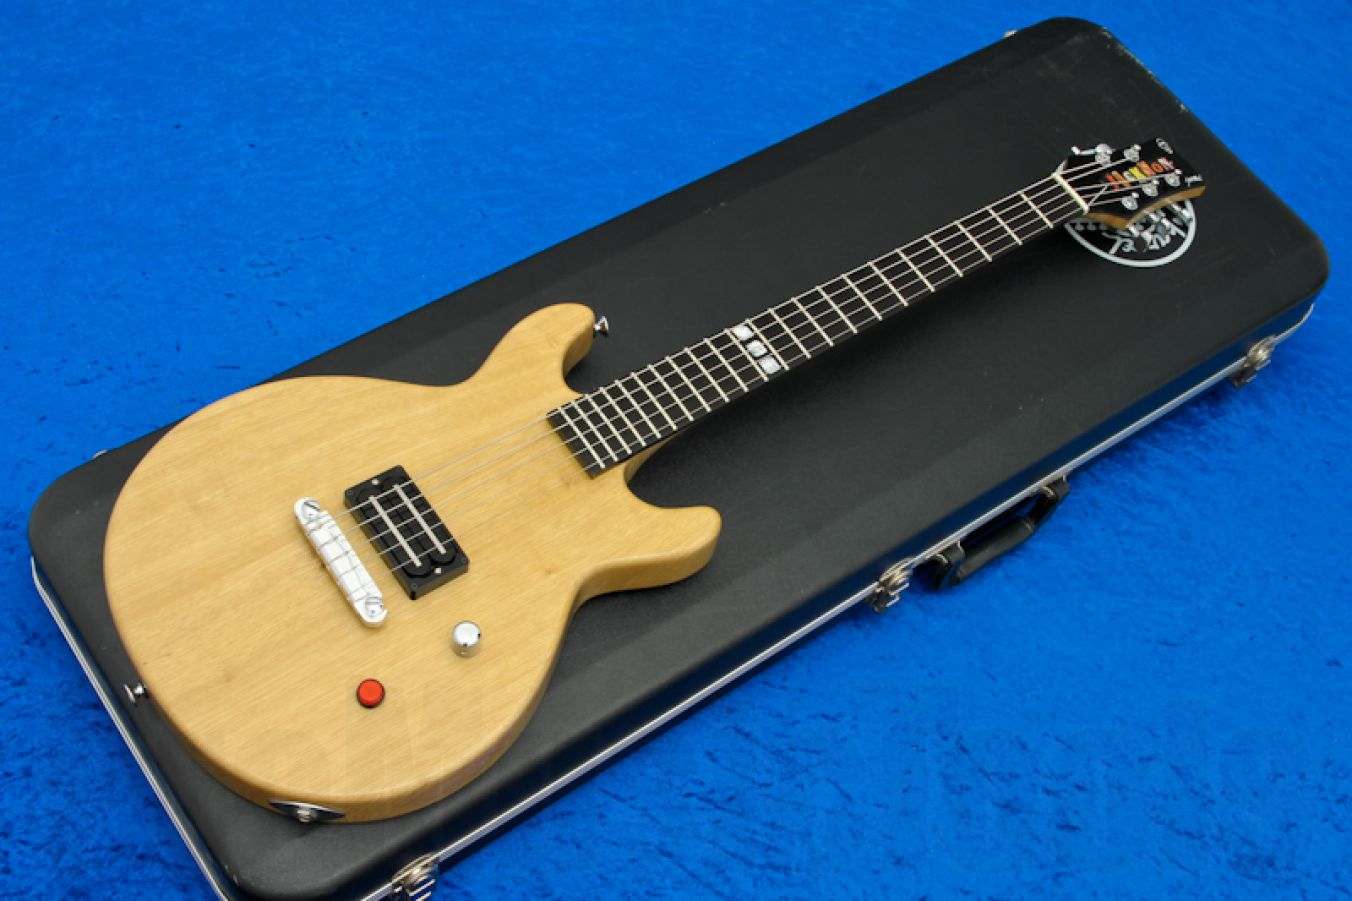 Jackson USA Custom Shop JJ5 - Korina Neck-Thru (5-string guitar)